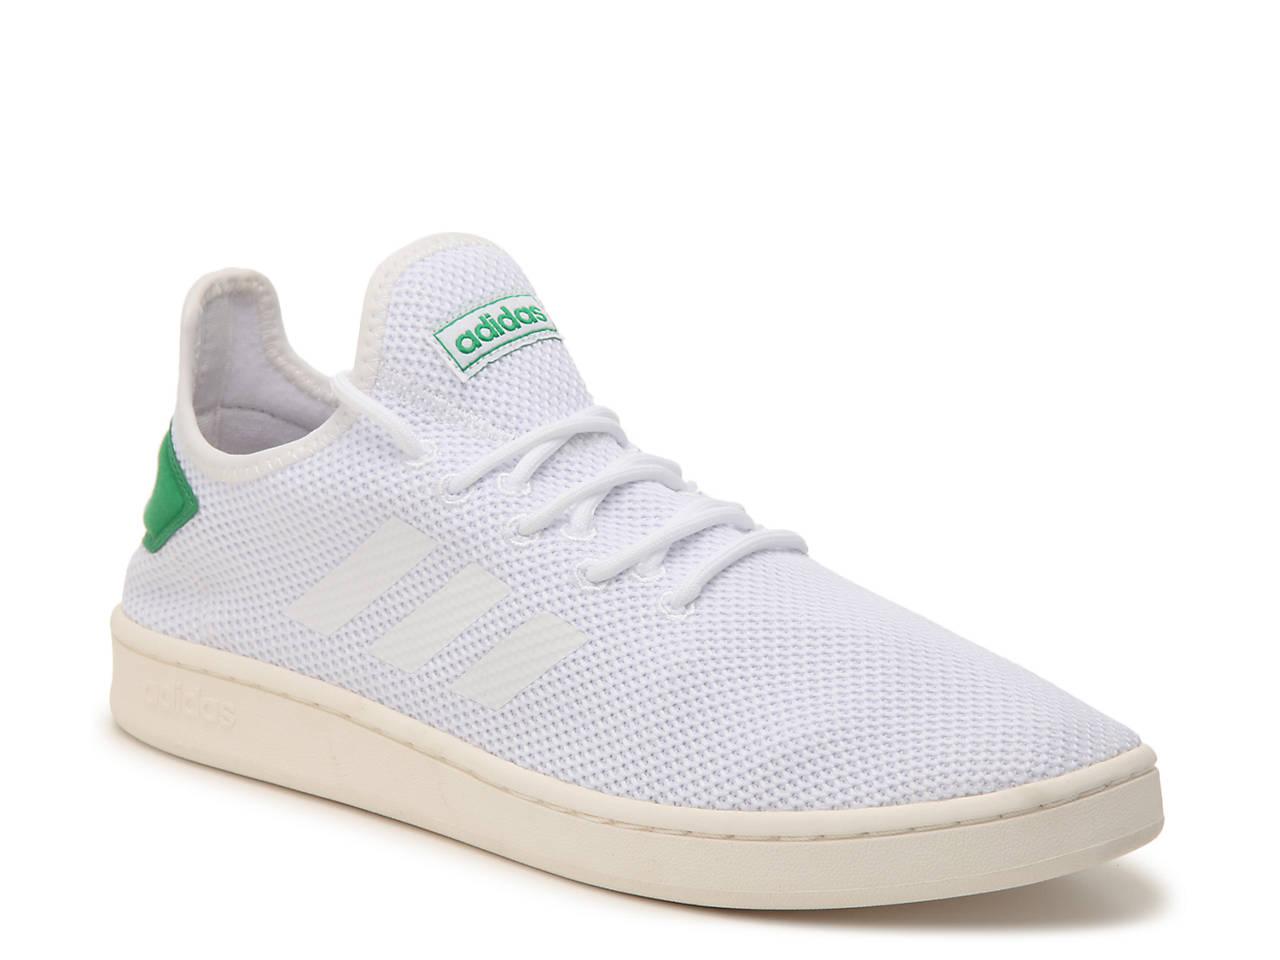 size 40 63dde b0988 Court Adapt Sneaker - Men s